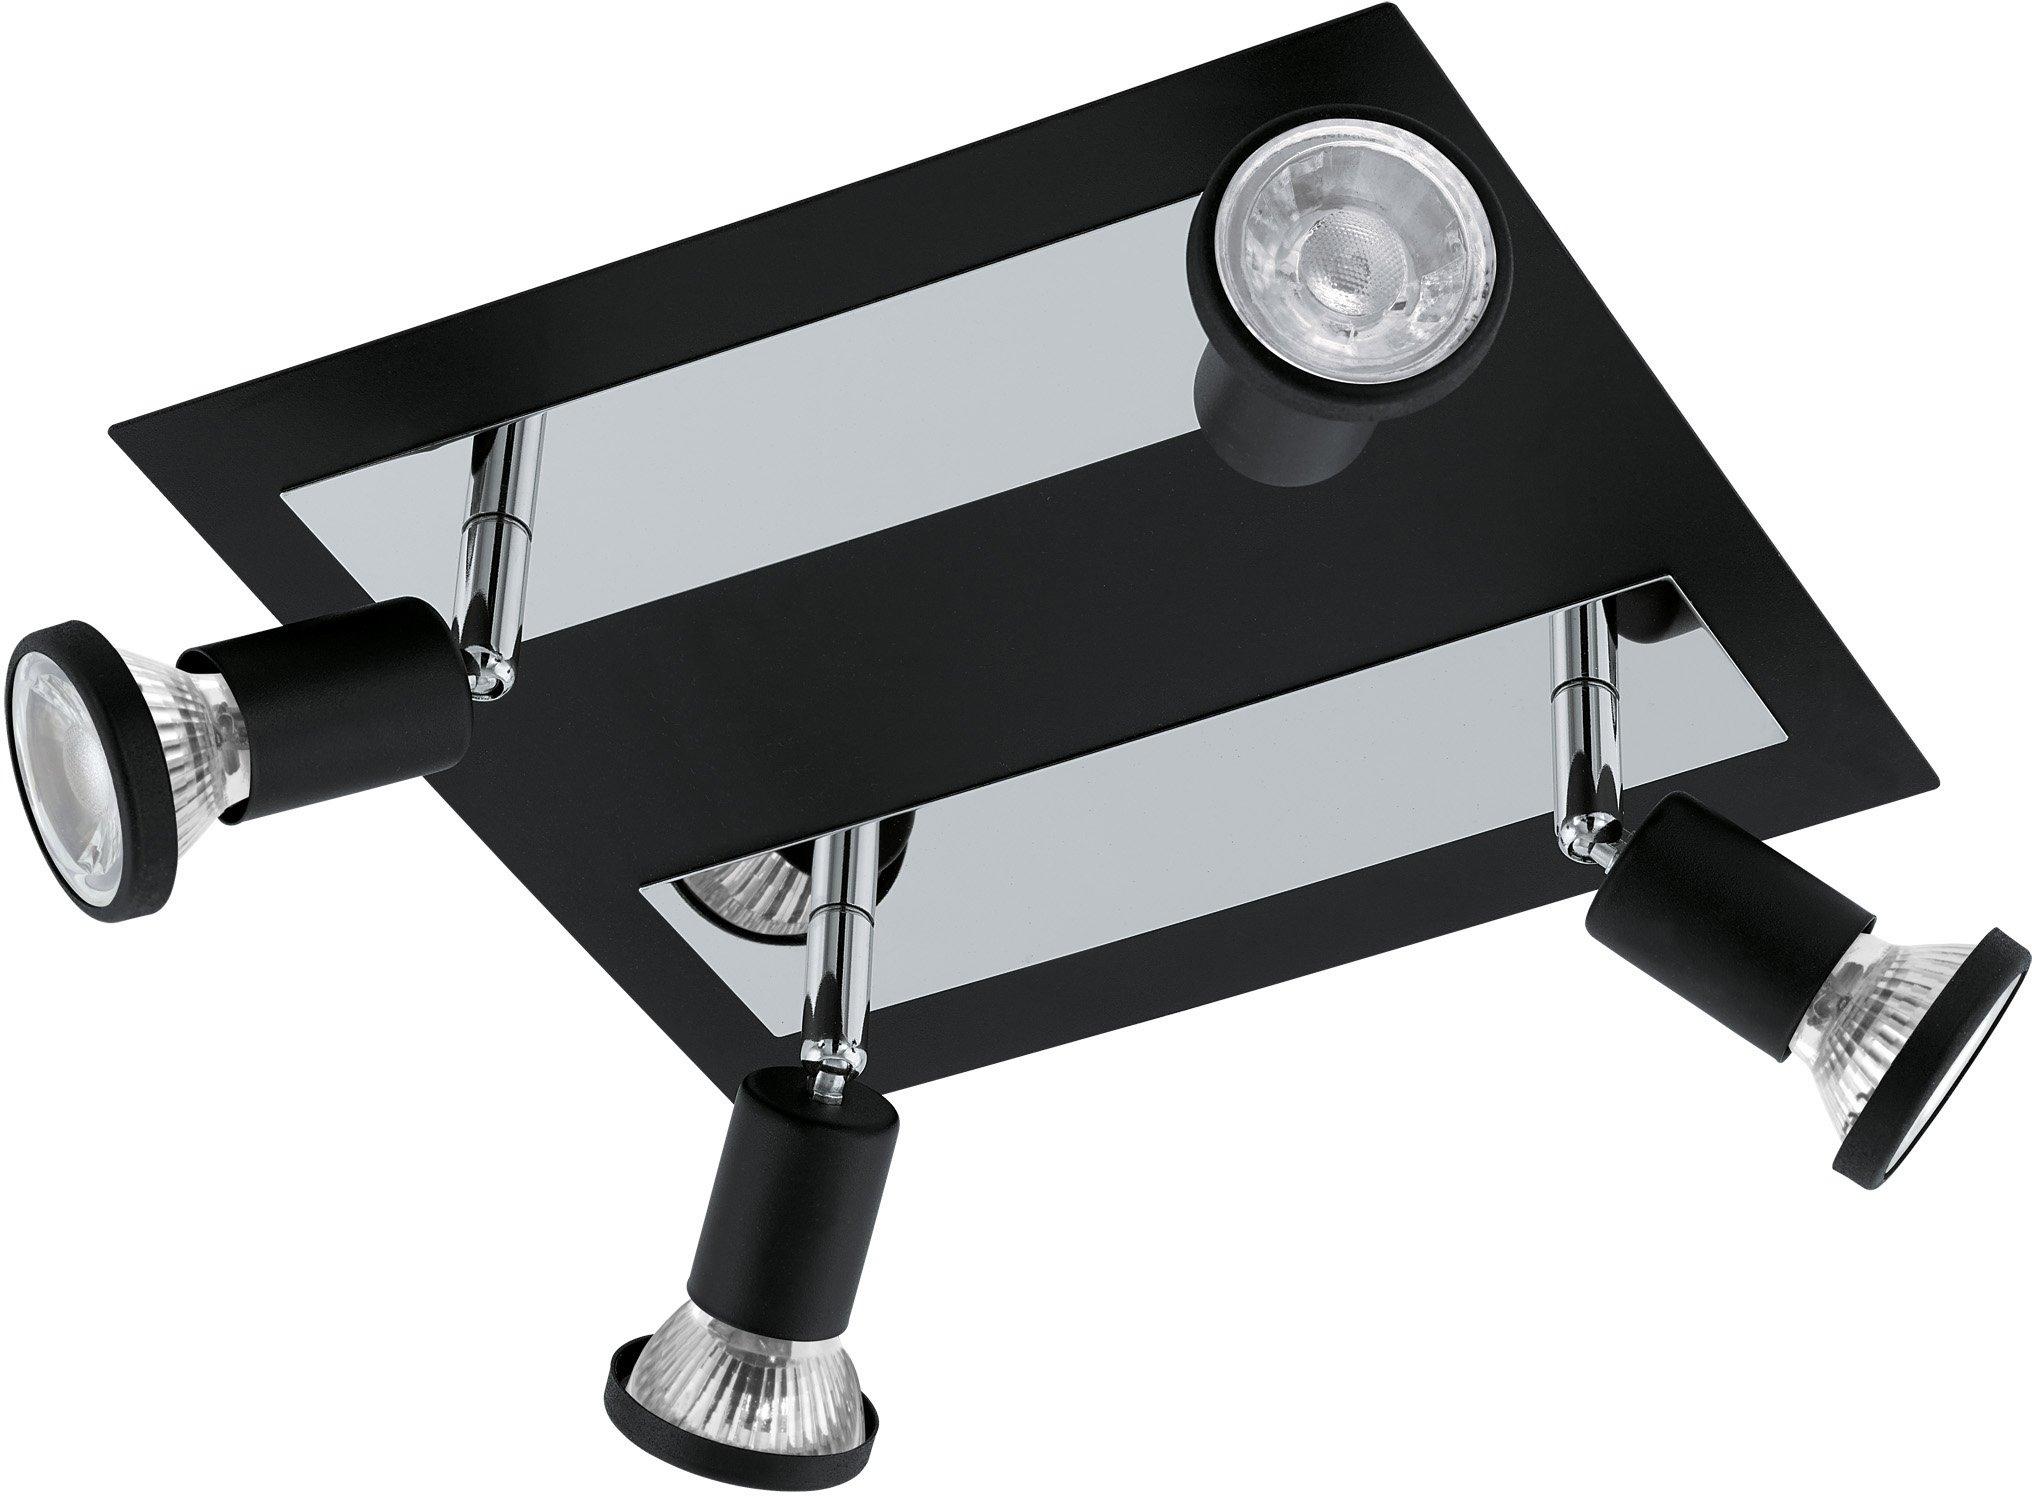 Op zoek naar een EGLO led-plafondspots SARRIA Led-plafondlamp? Koop online bij OTTO